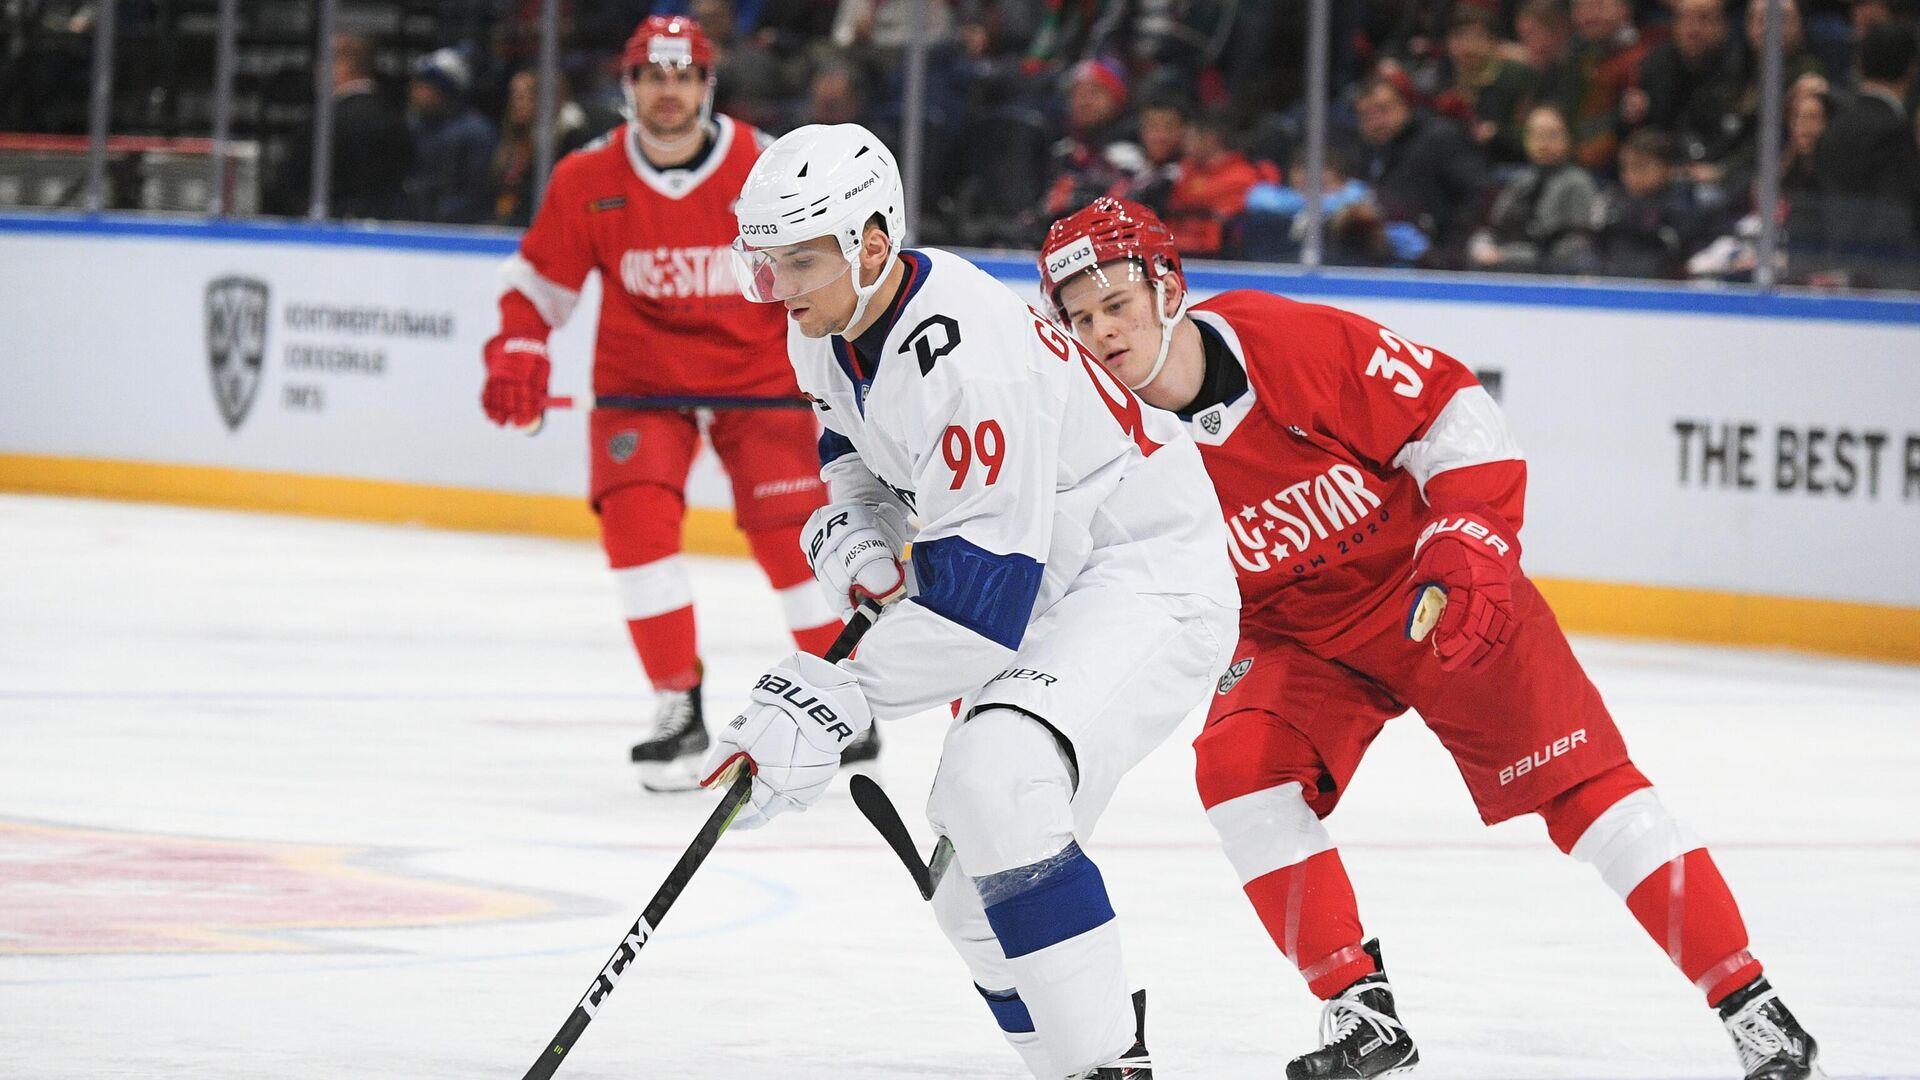 Хоккей. Матч звезд КХЛ –  2020 - РИА Новости, 1920, 08.06.2021